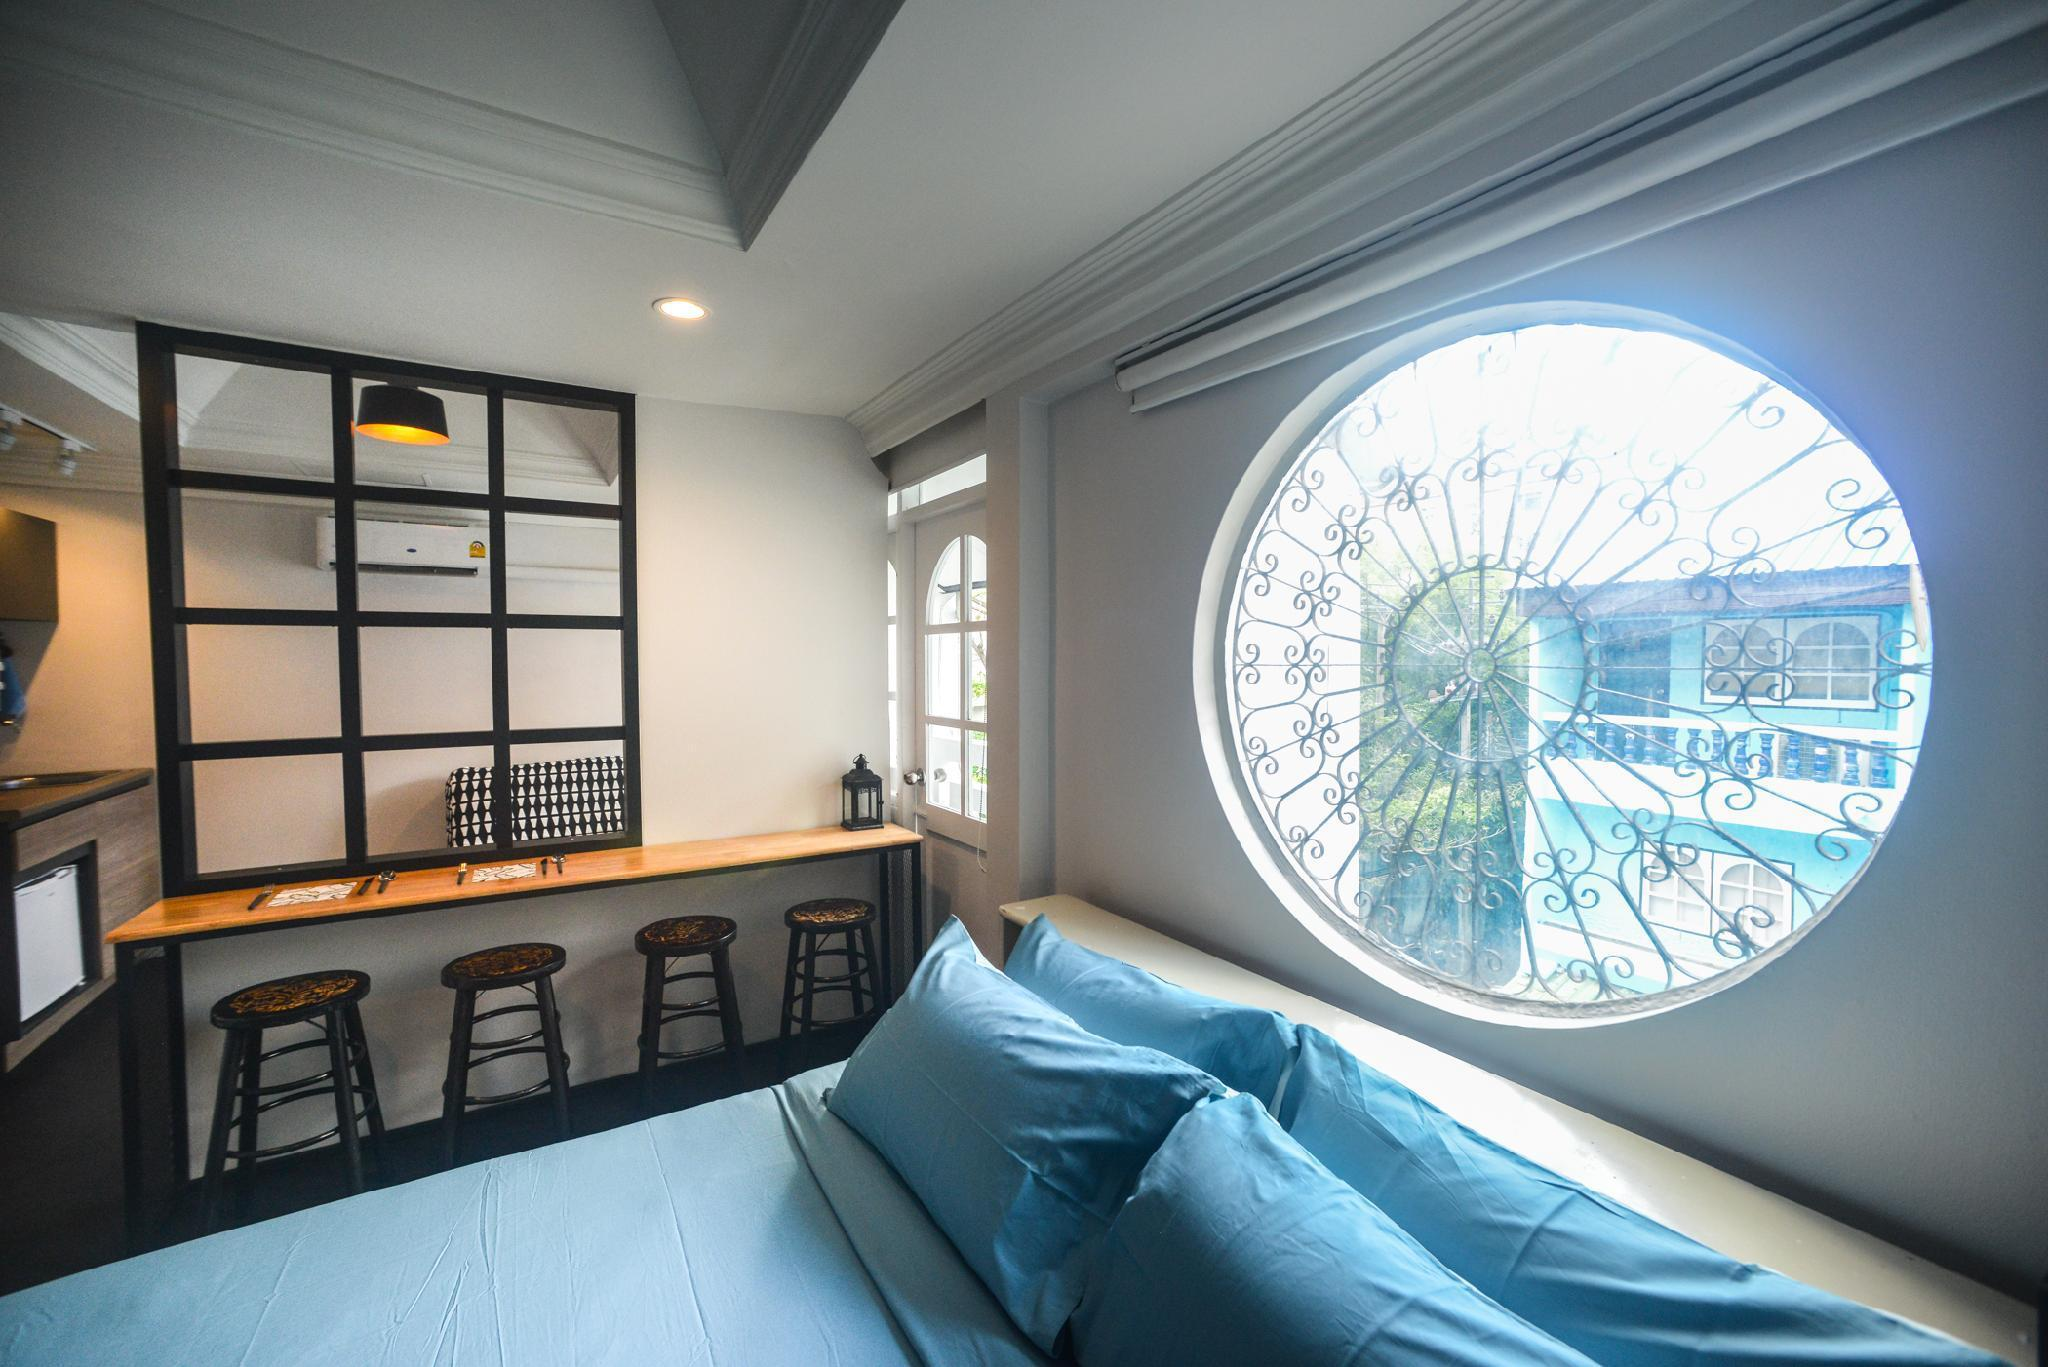 Unique Getaway/ 550m BTS(E5)/Near Asok+T21/Netflix สตูดิโอ อพาร์ตเมนต์ 1 ห้องน้ำส่วนตัว ขนาด 24 ตร.ม. – สุขุมวิท